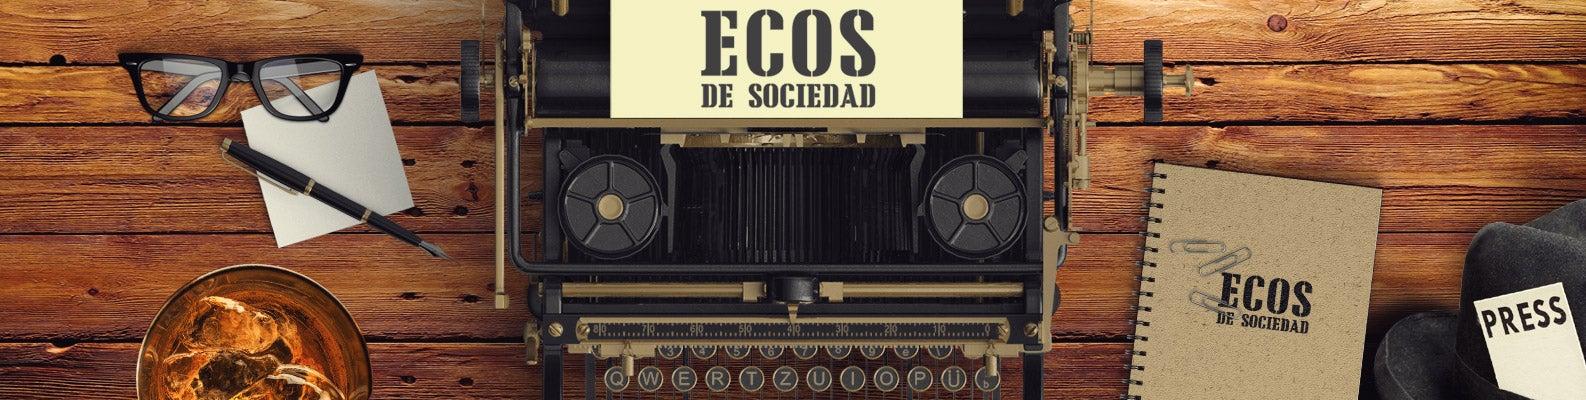 Ecos de Sociedad